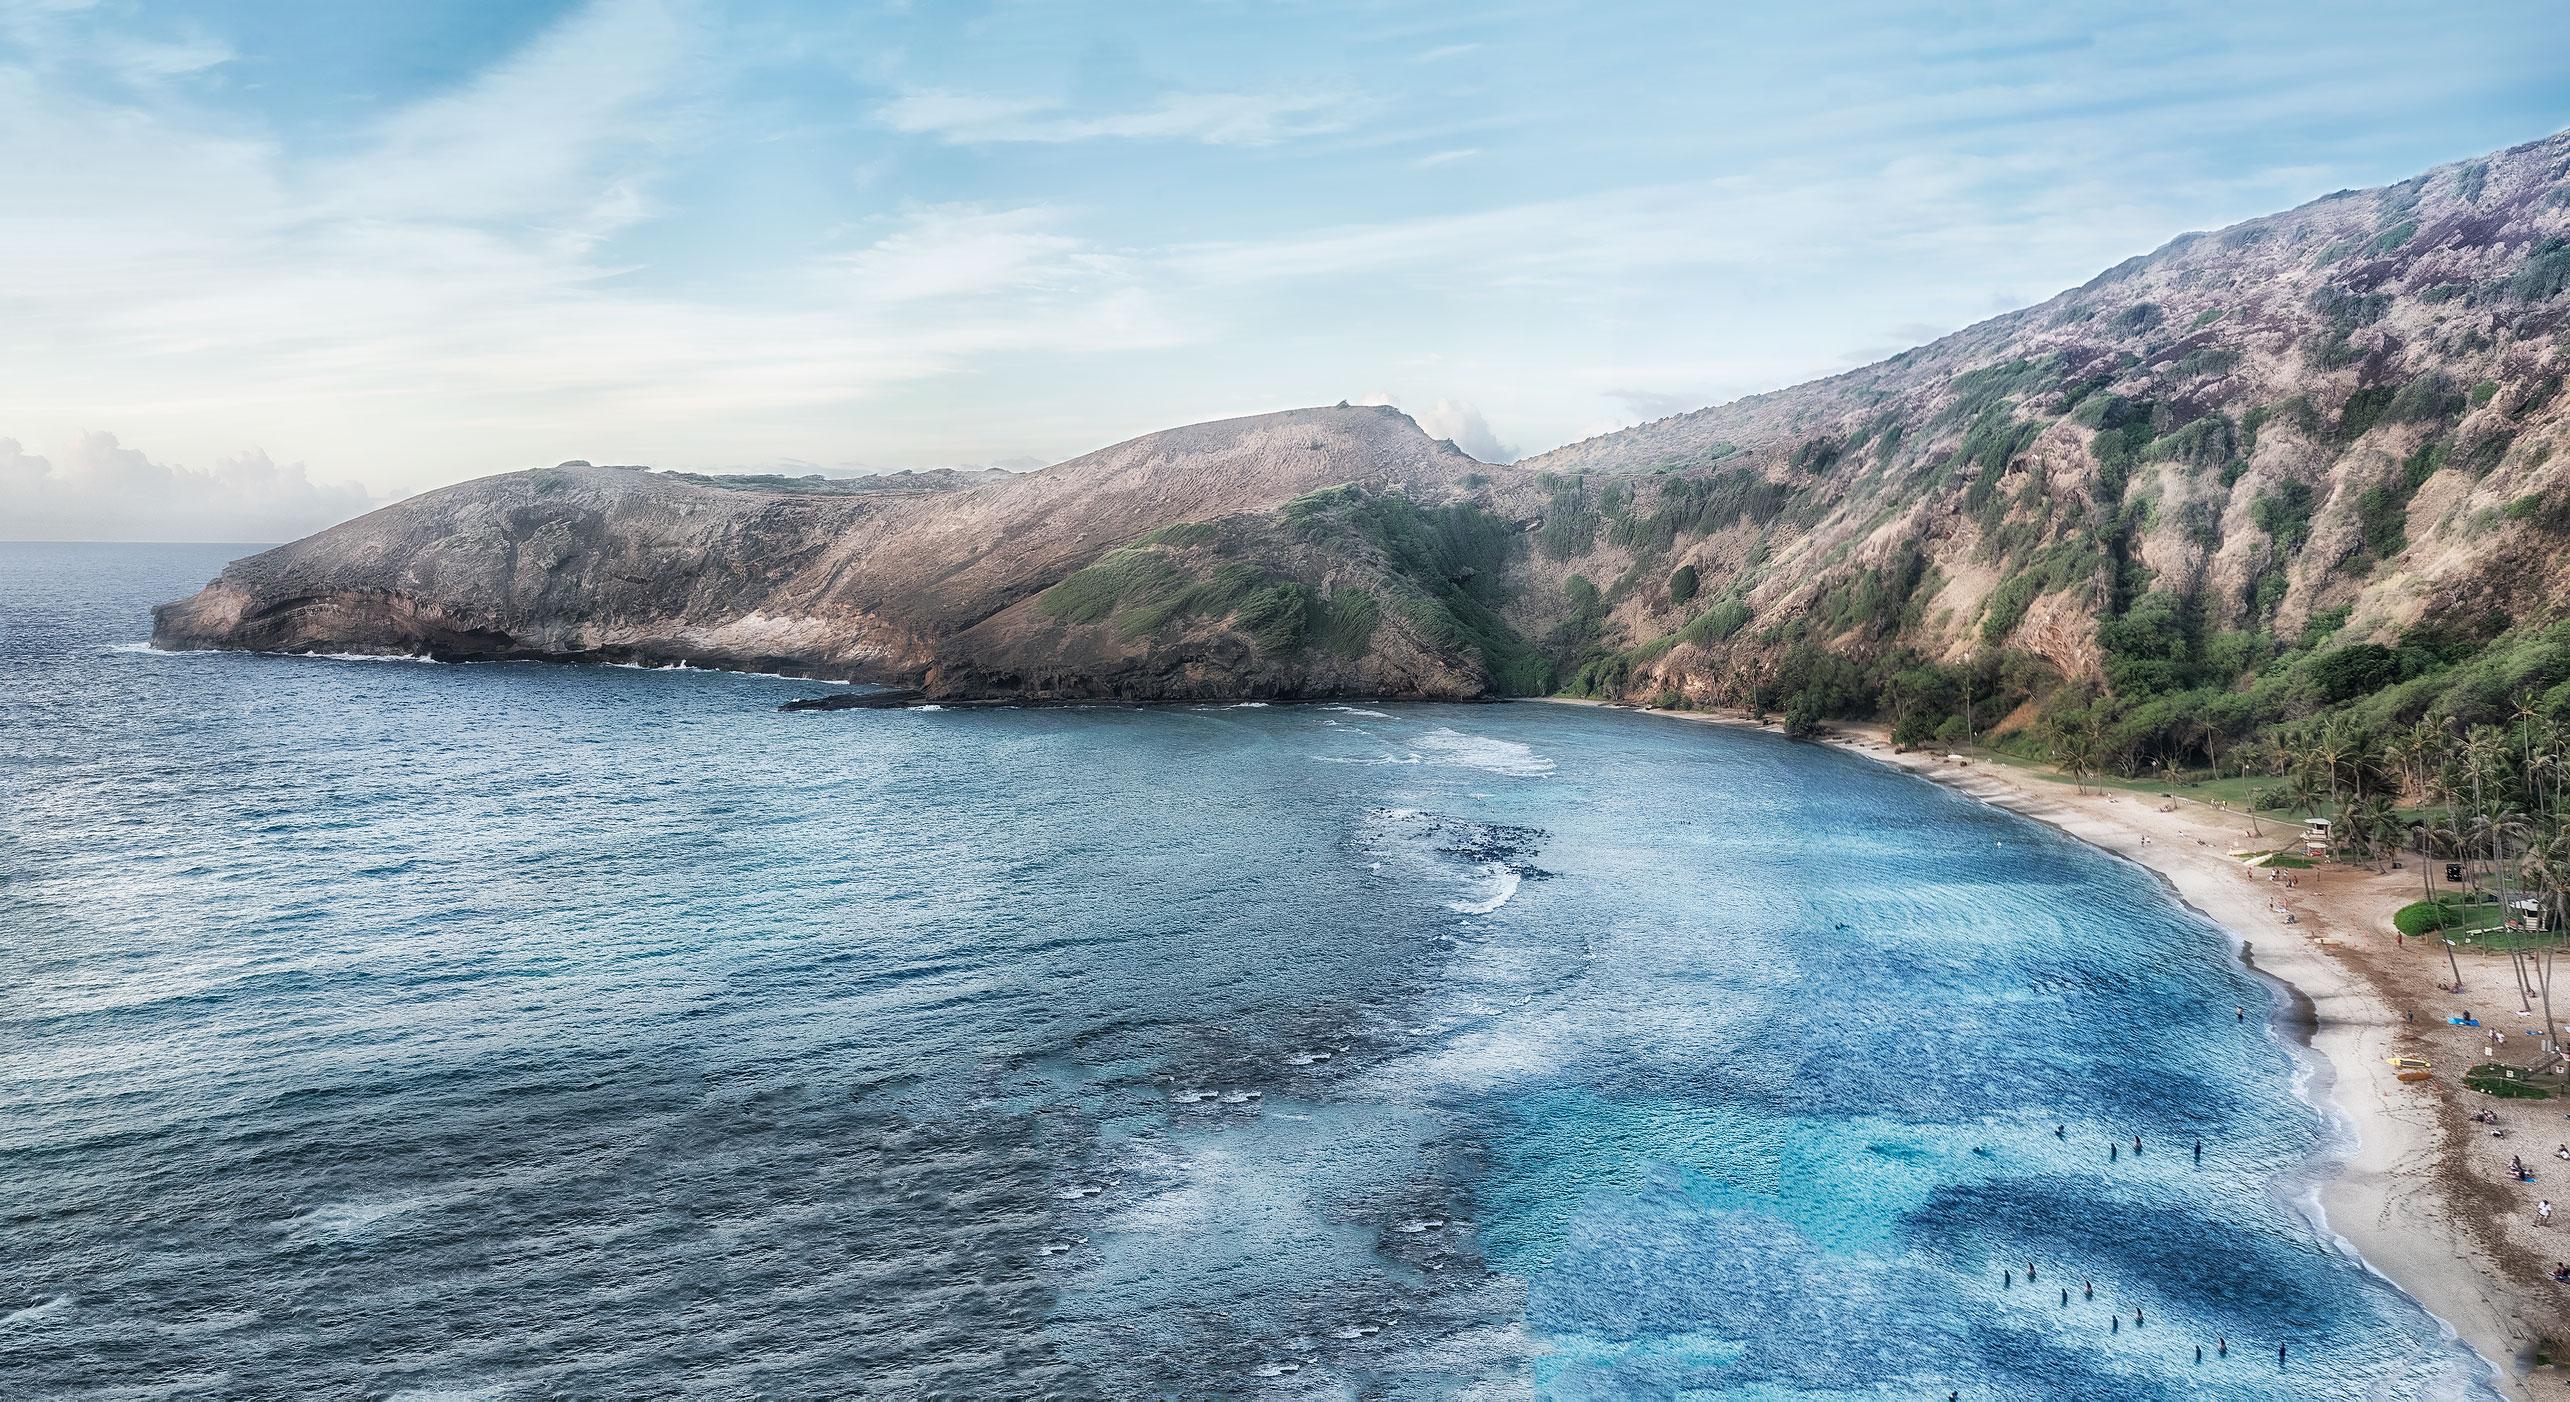 Hanauma Bay - Kamehameha Hwy